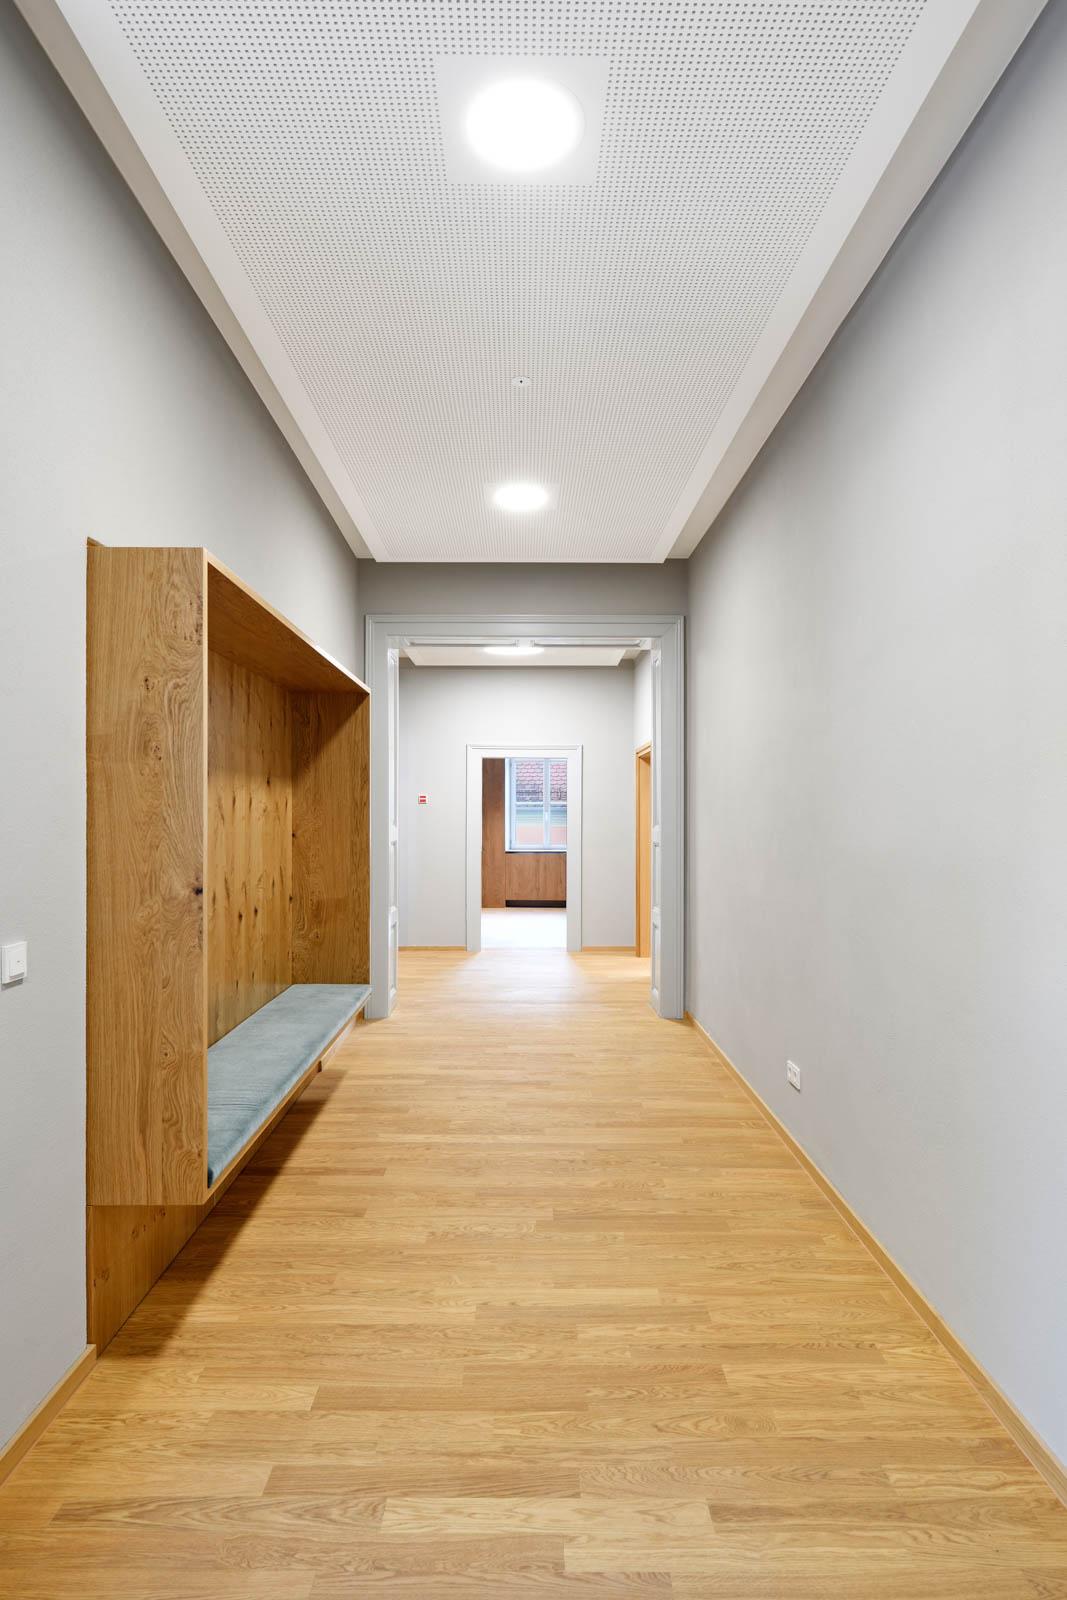 Nickel und Wachter Architekten - Sanierung Mariahilf Bamberg Mobiliar